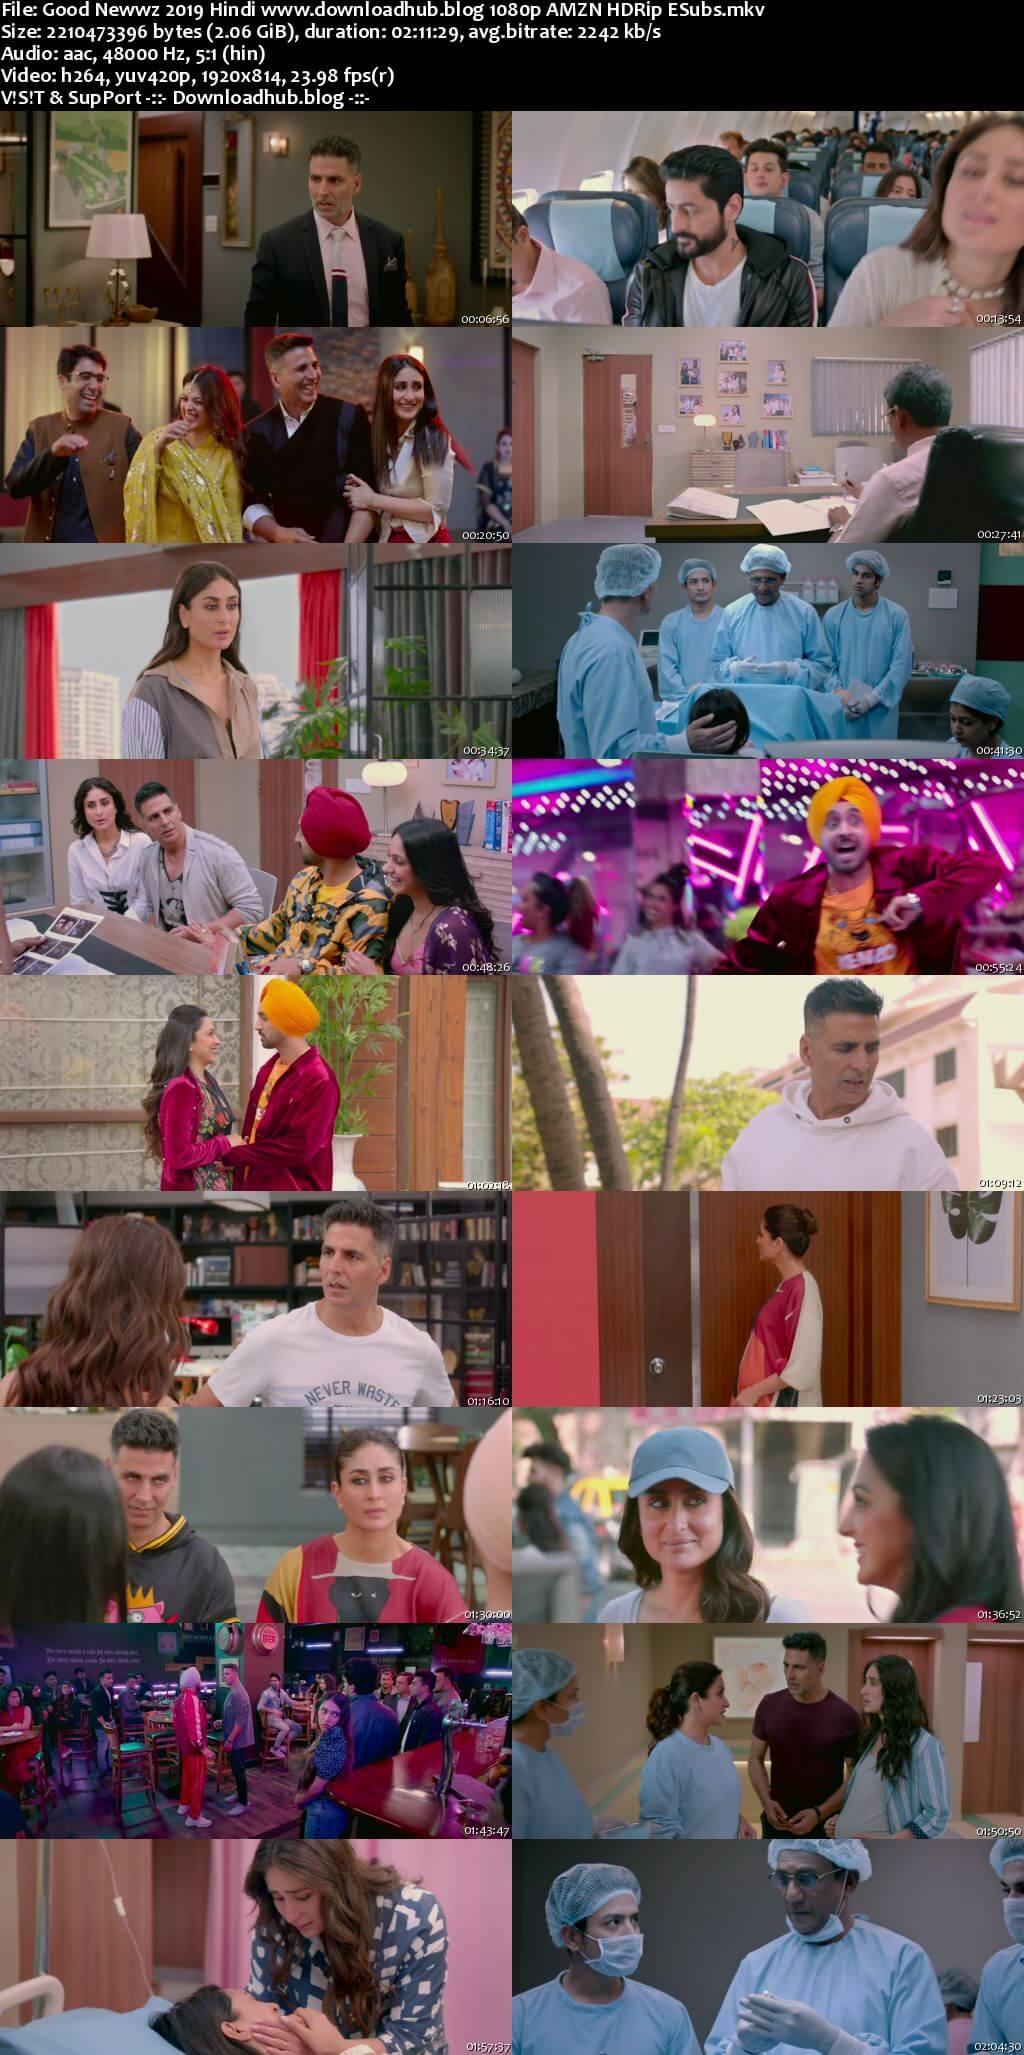 Good Newwz 2019 Hindi 1080p AMZN HDRip ESubs